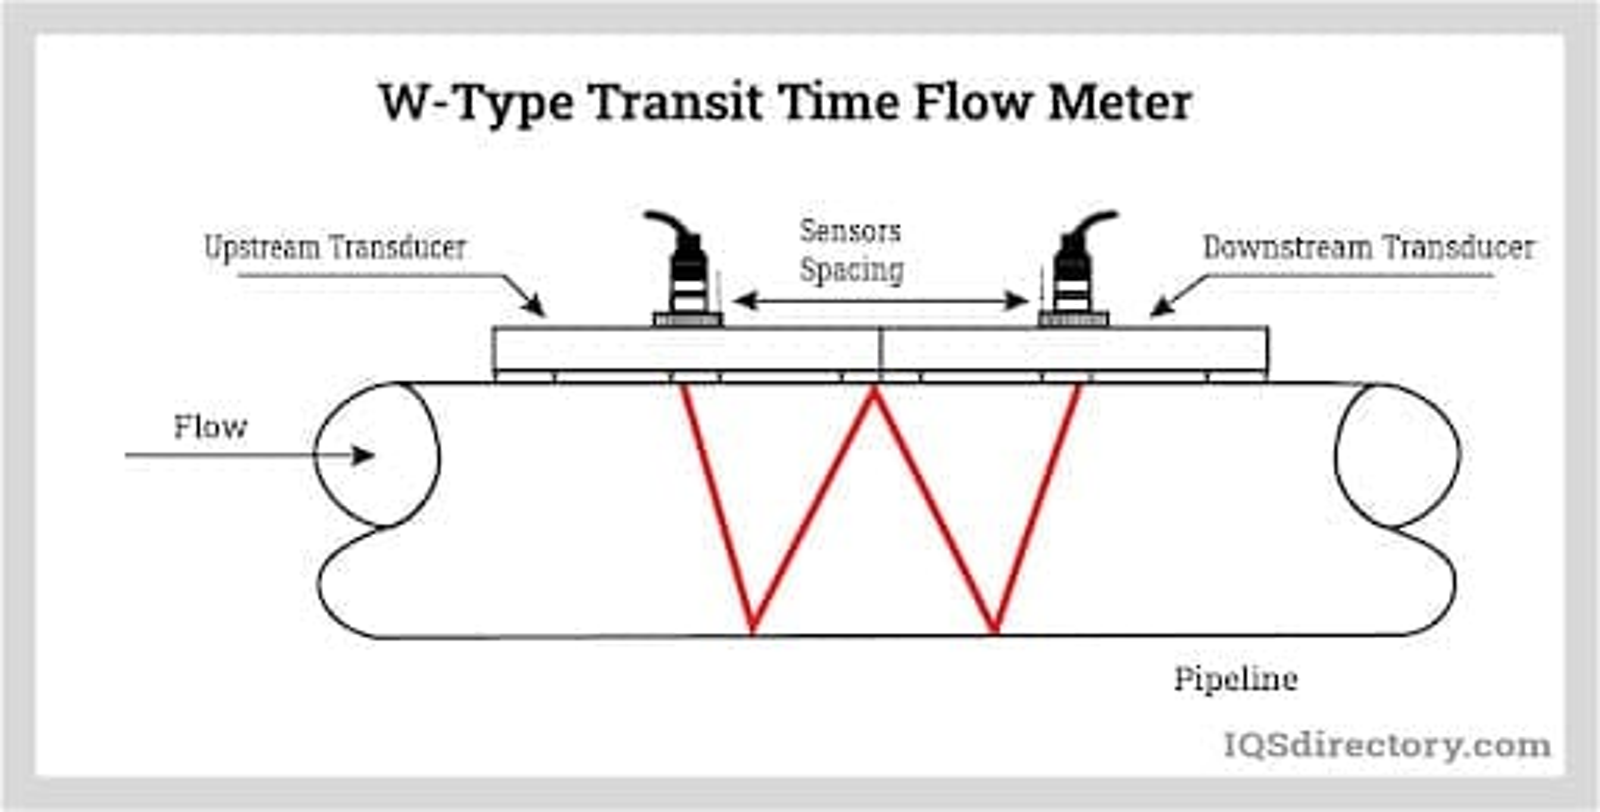 W-Type Transit Time Flow Meter